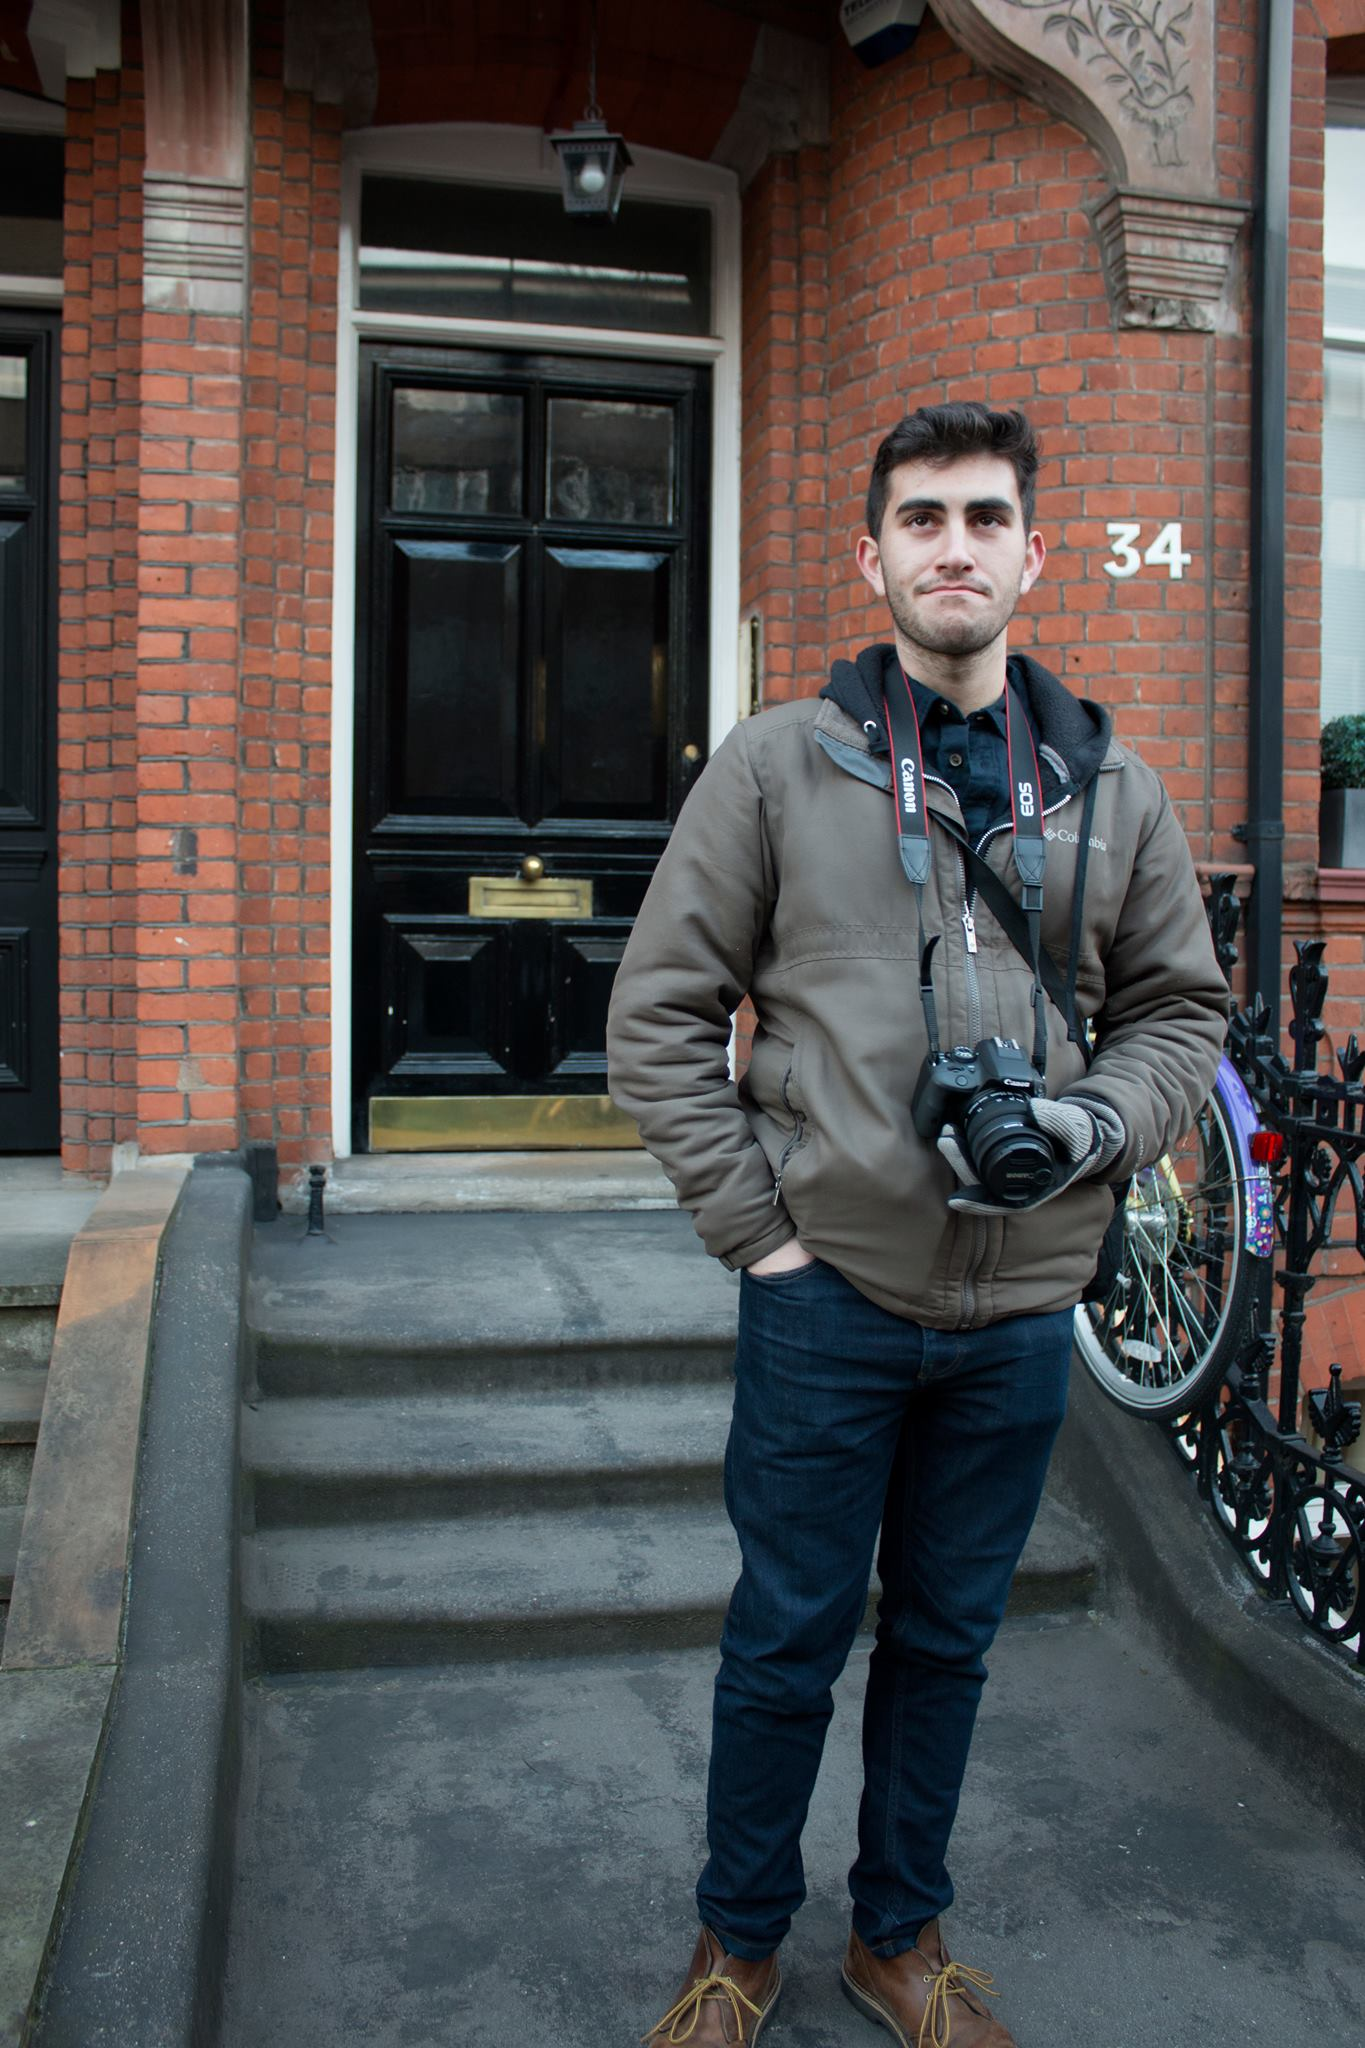 Justin and his camera